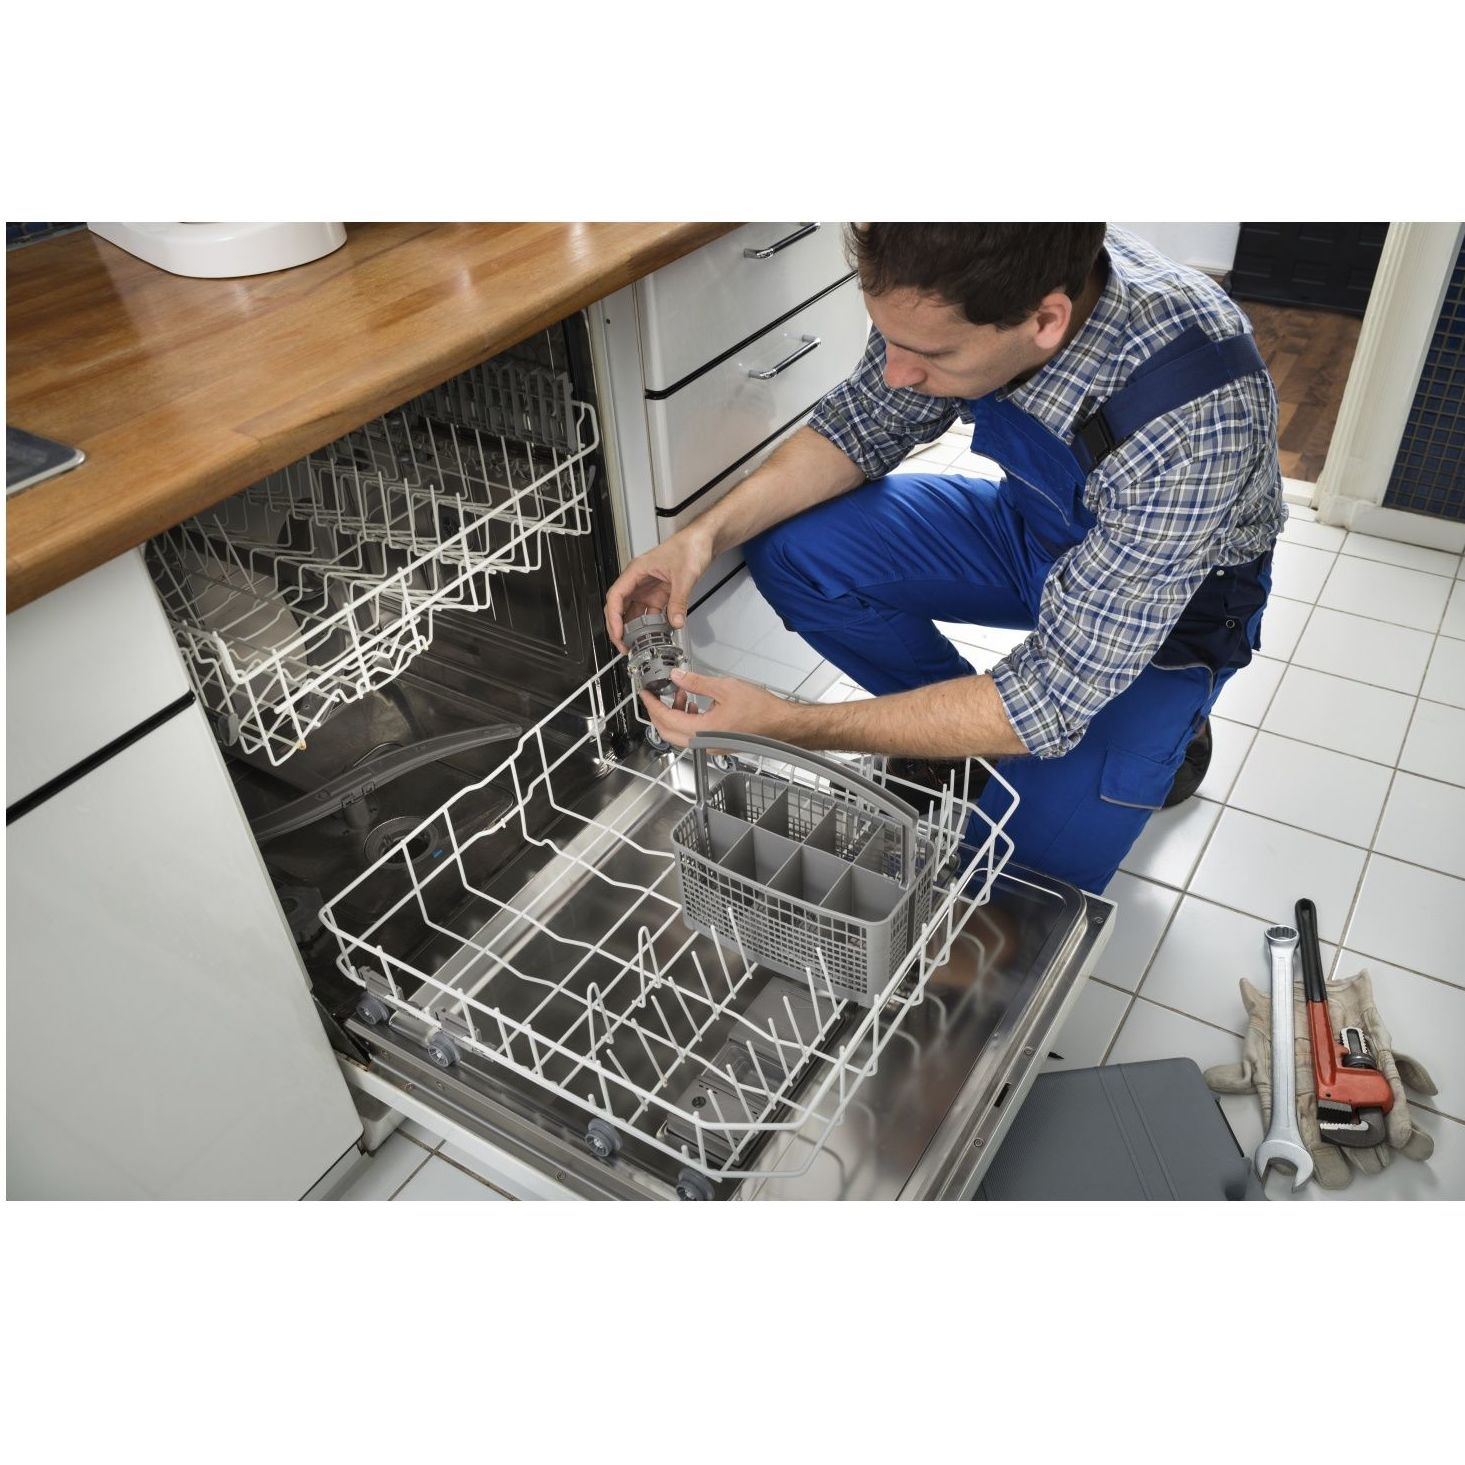 Reparación de lavadoras, neveras y otros electrodomesticos multimarca en Mollet